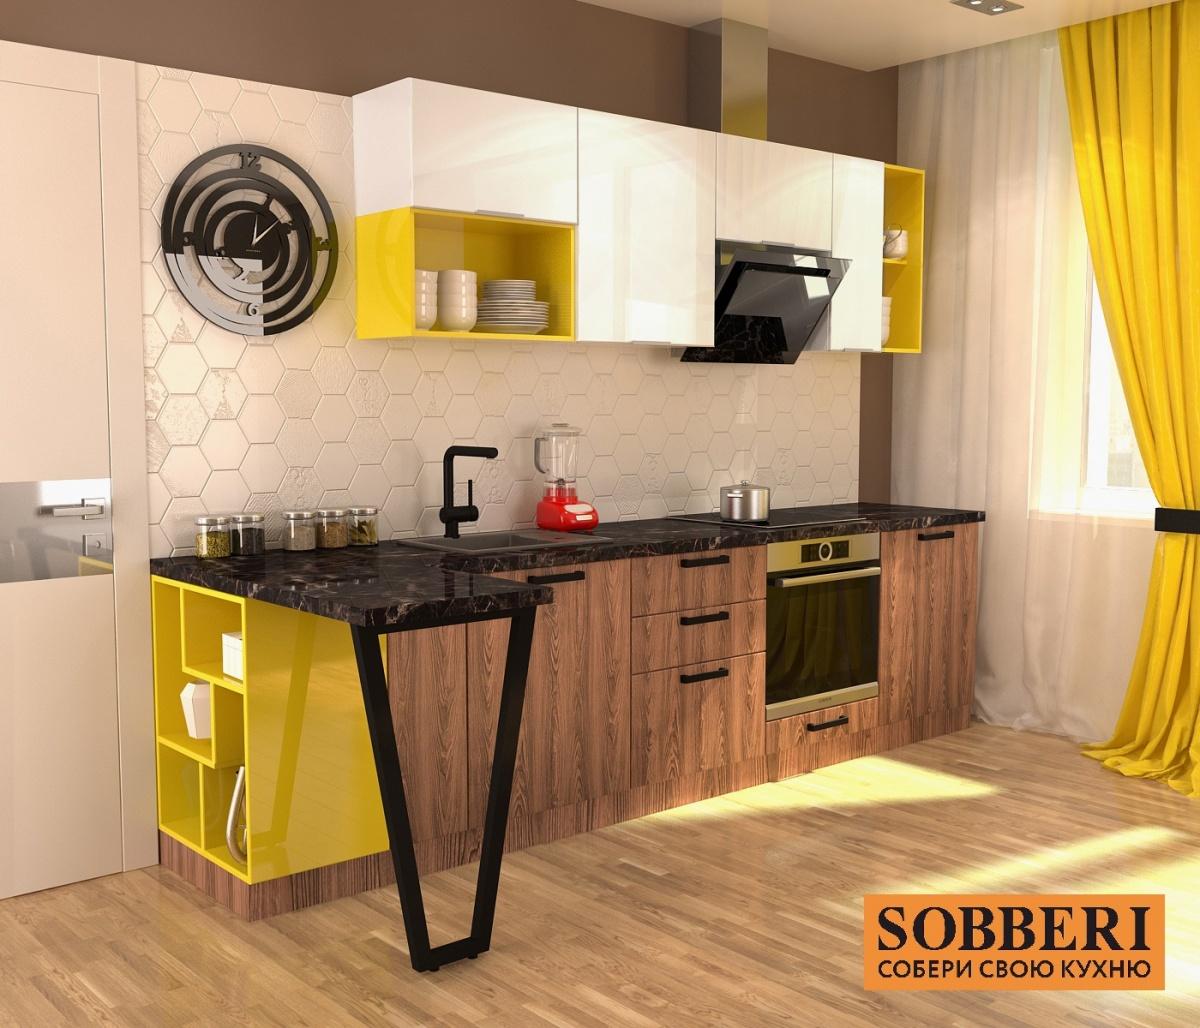 Благодаря свободе выбора цветов, декора и других элементов, кухни Sobberi делают жилое пространство современным и уютным